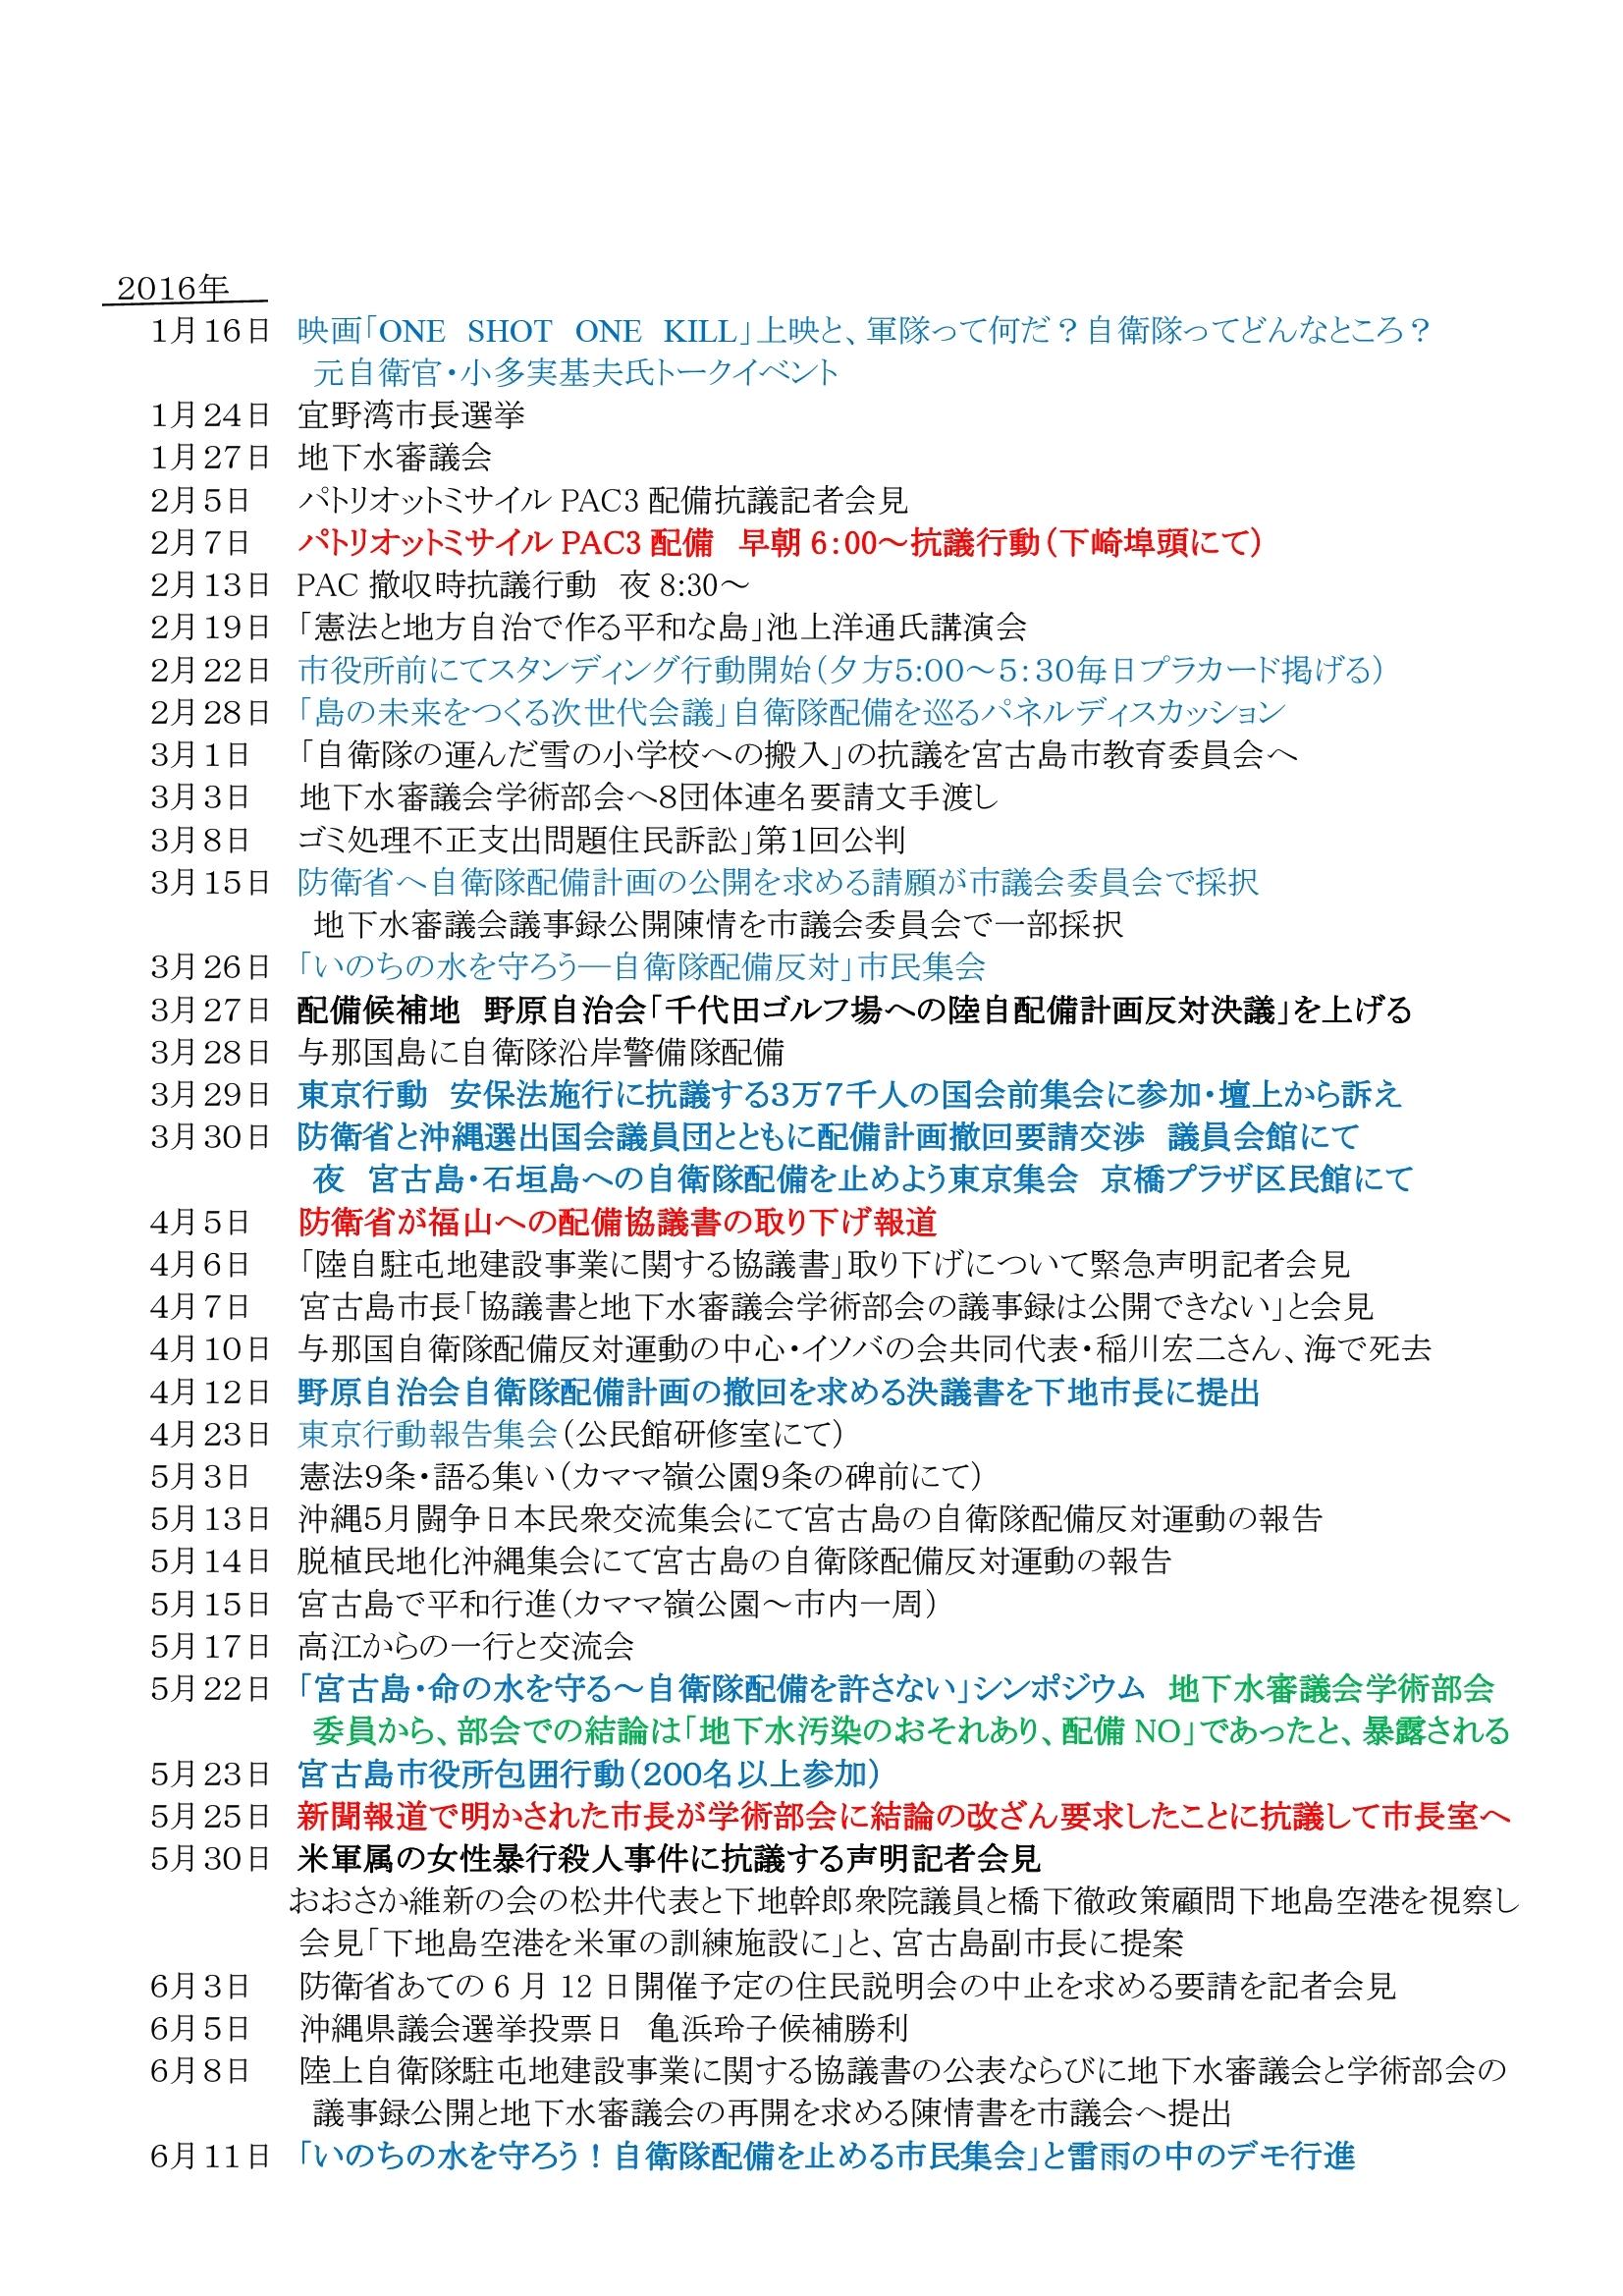 年表:宮古島における反軍反基地の闘い2010~2020 06